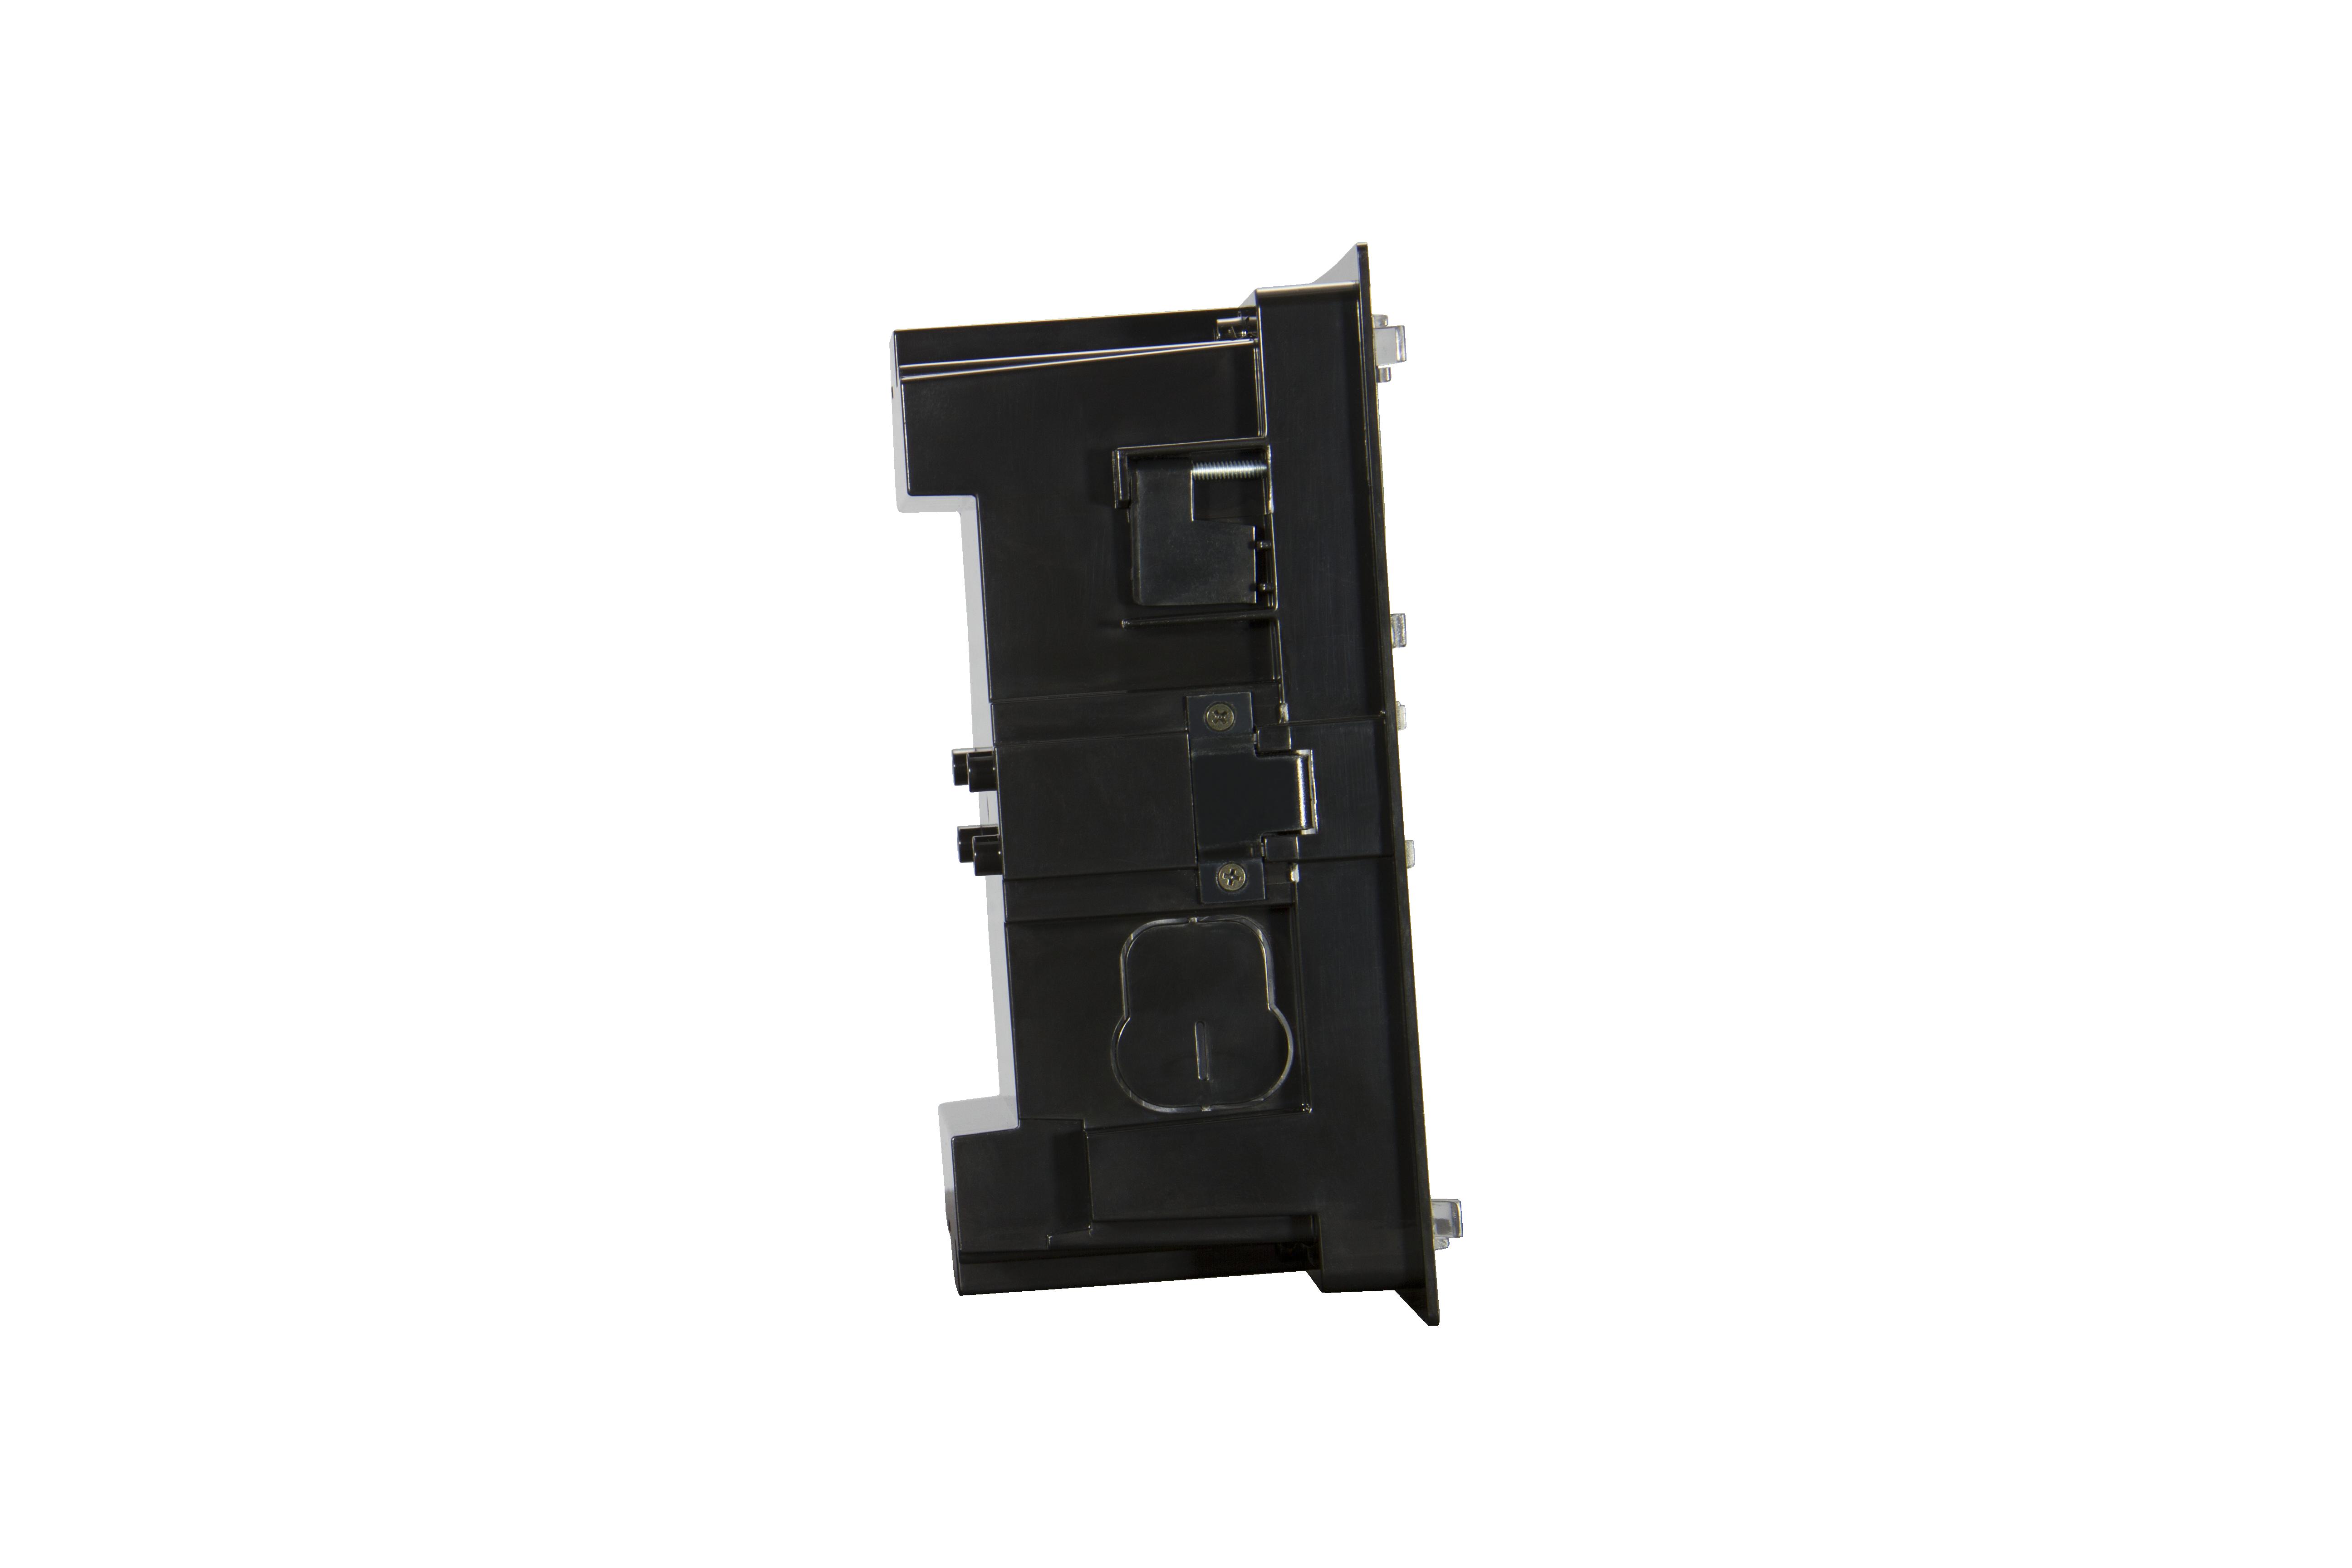 MXA-FMK-07 - Vertical Side